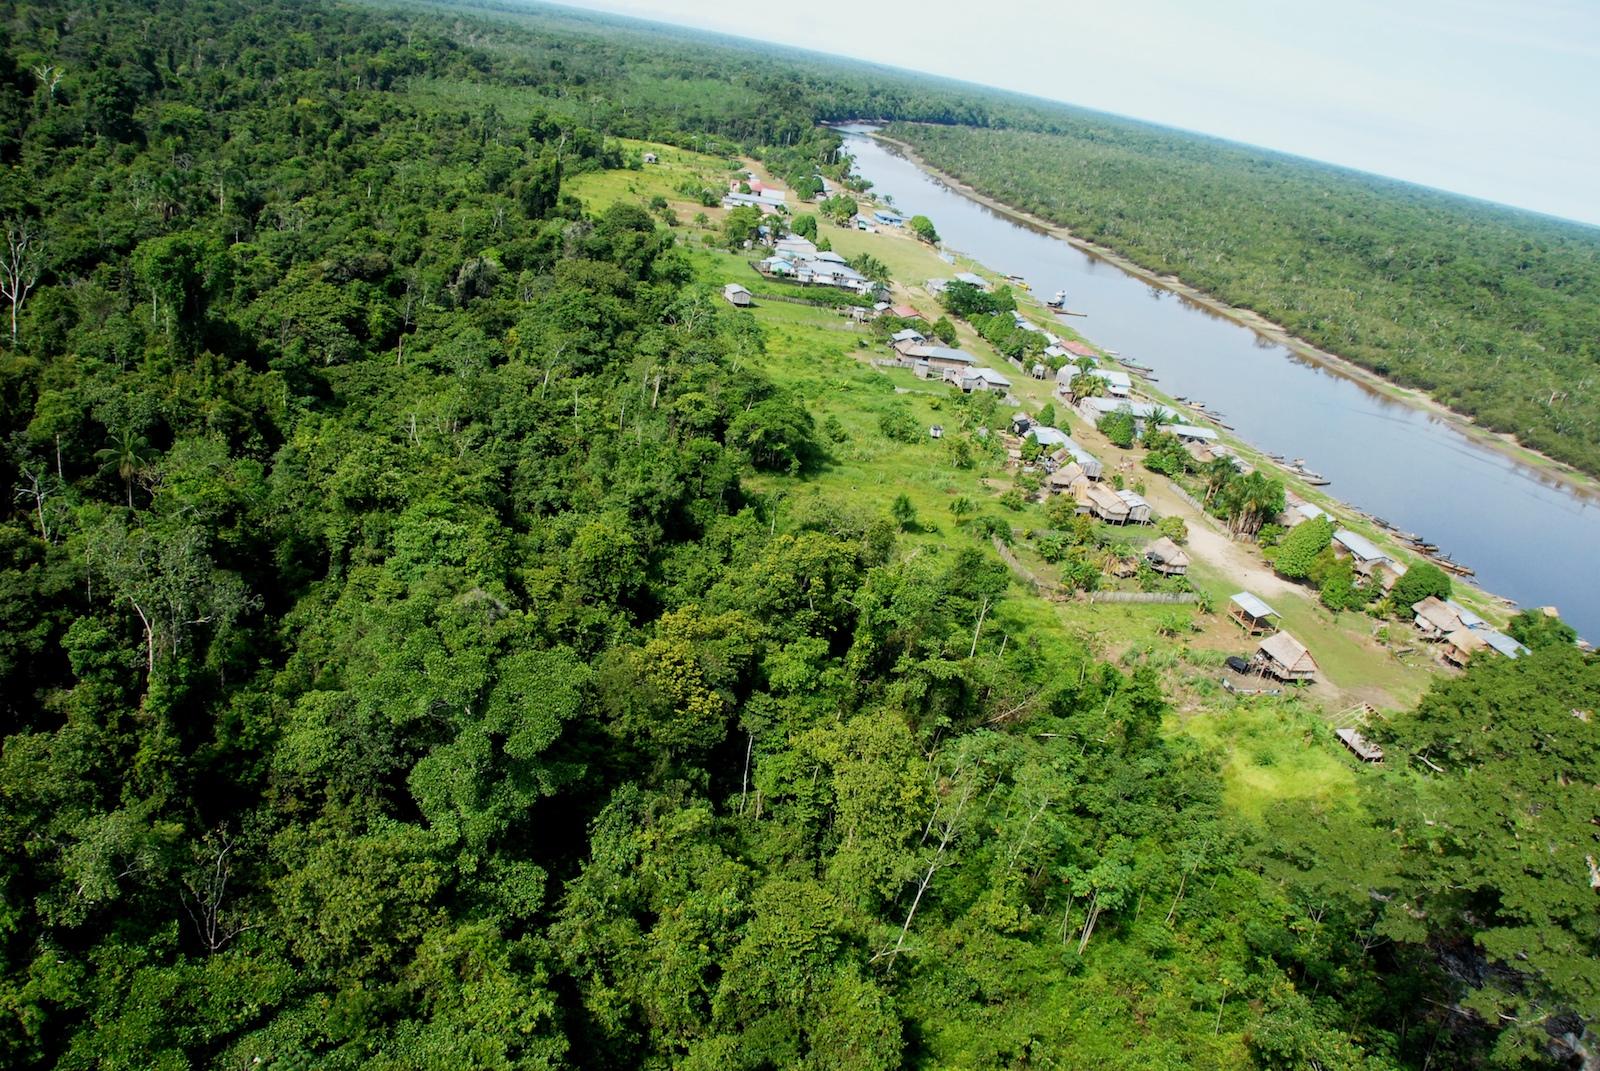 Un total de 29 comunidades están asentadas en los alrededores del Parque Nacional Yaguas. Foto: Álvaro del Campo.